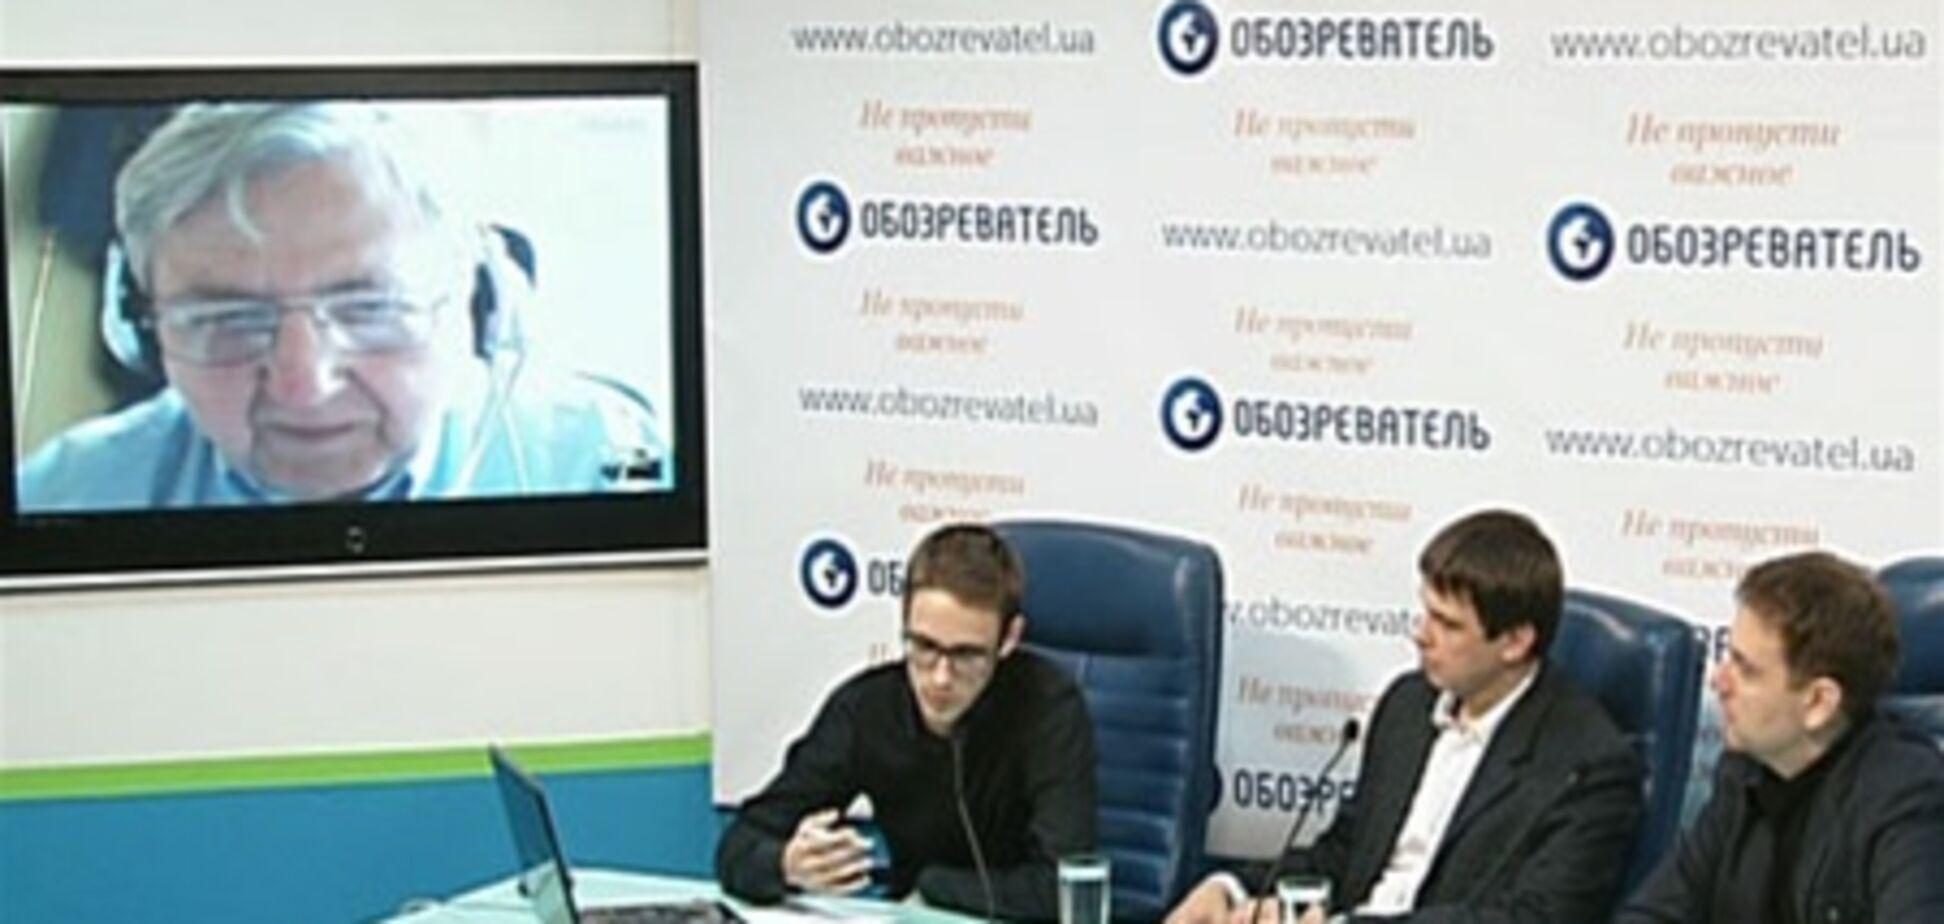 Чешский эксперт: нельзя достичь многого с коррупцией